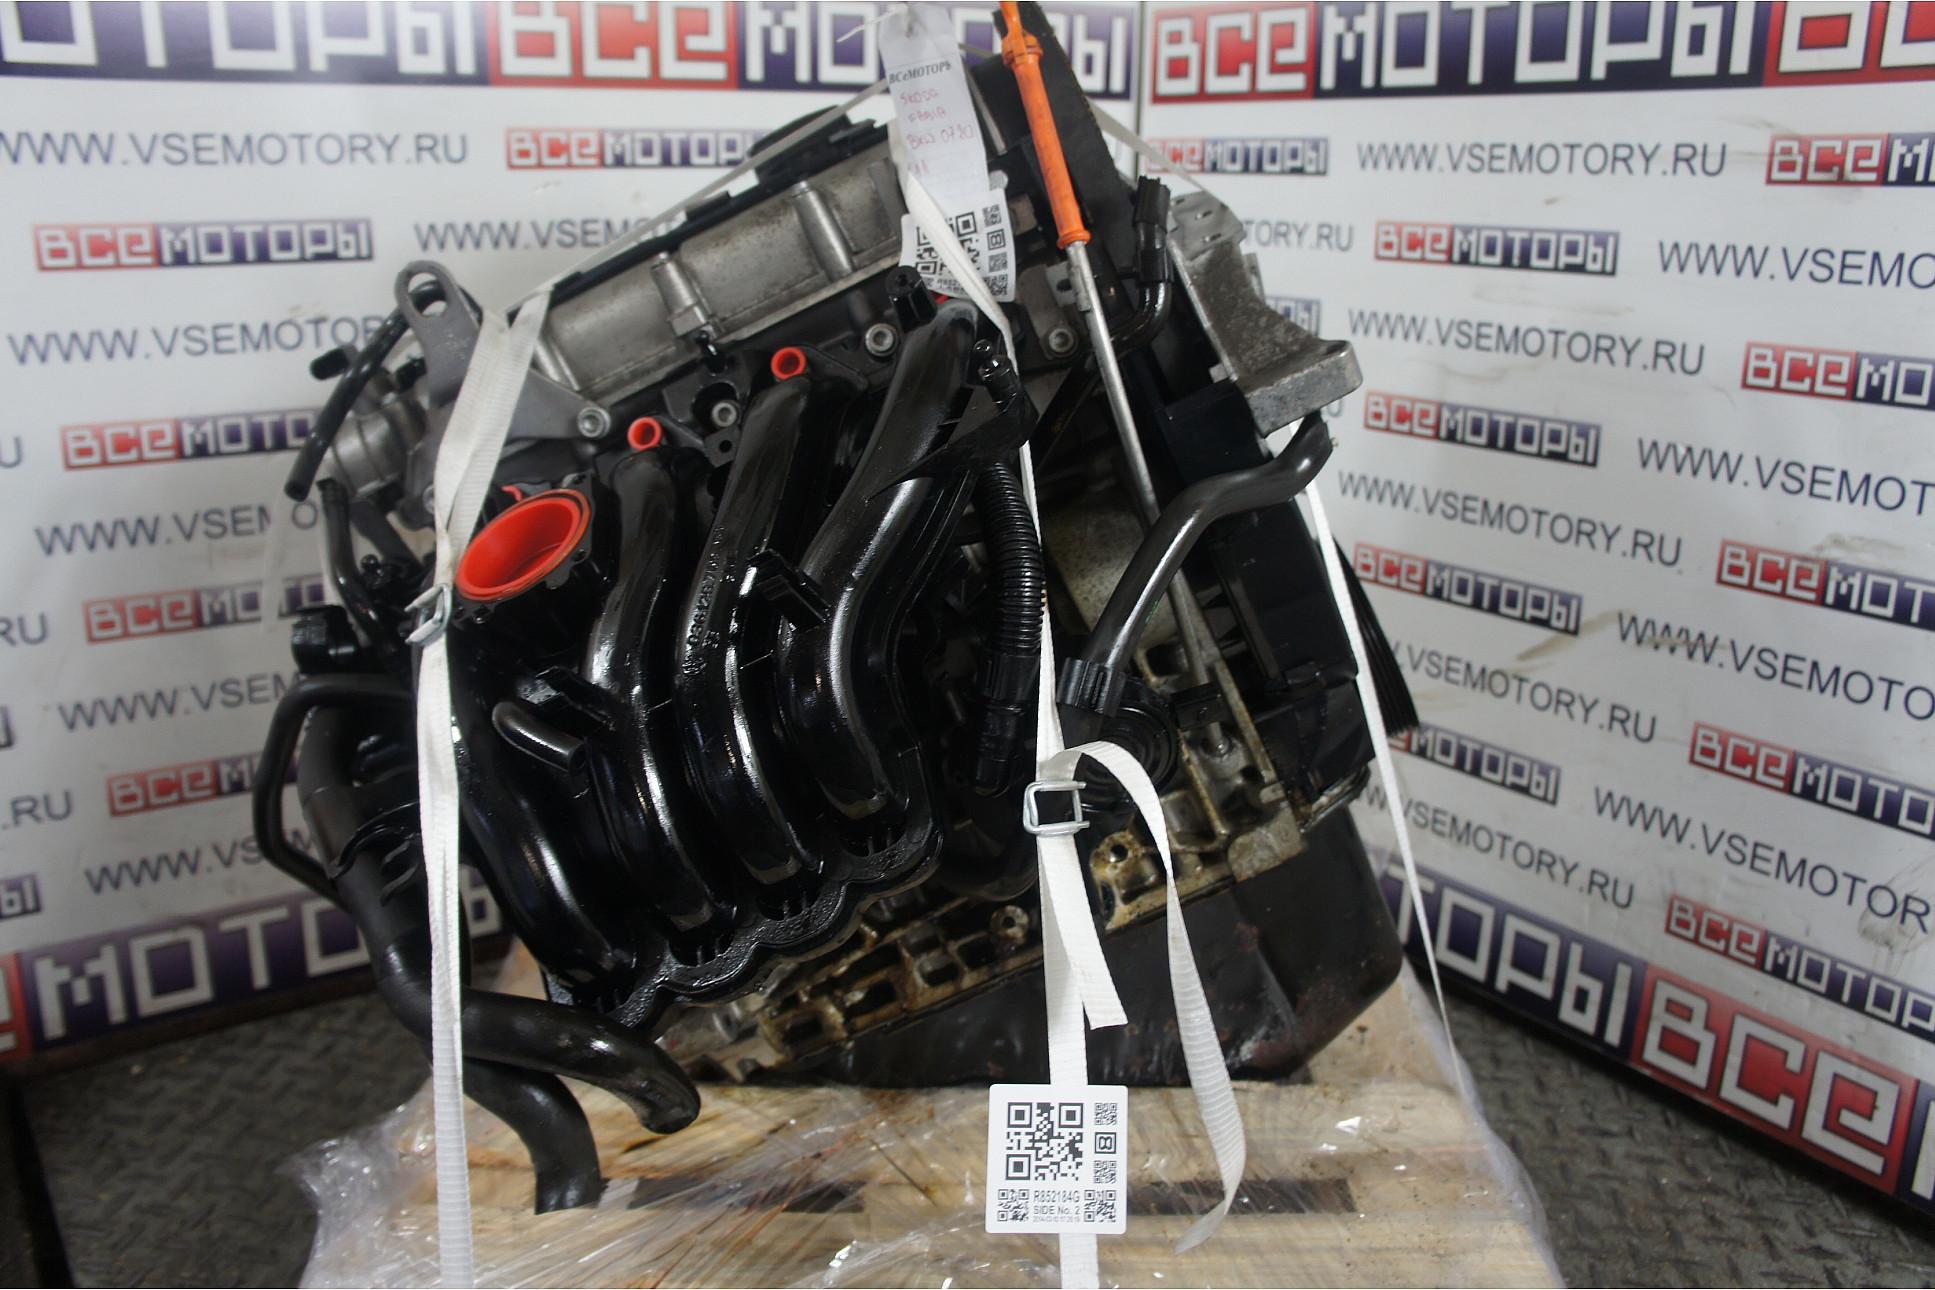 Двигатель skoda bxw бензин мощность 86 л с